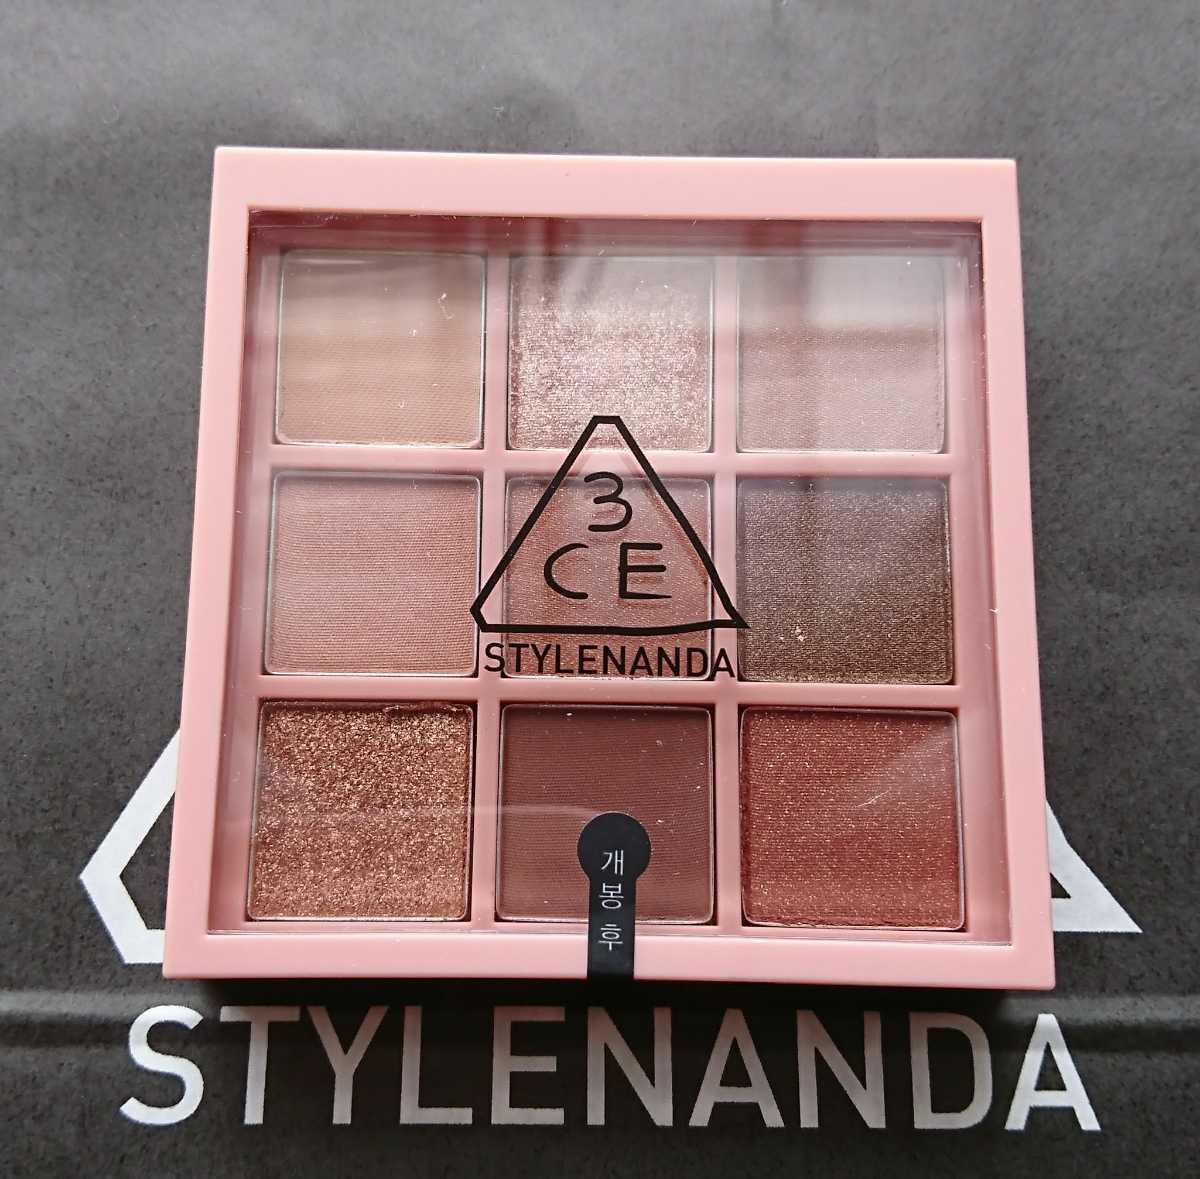 ◆ 3ce STYLENANDA ◆ アイ カラー パレット アイシャドウ #OVERTAKE オーバーテイク 韓国コスメ 人気カラー 新品未使用